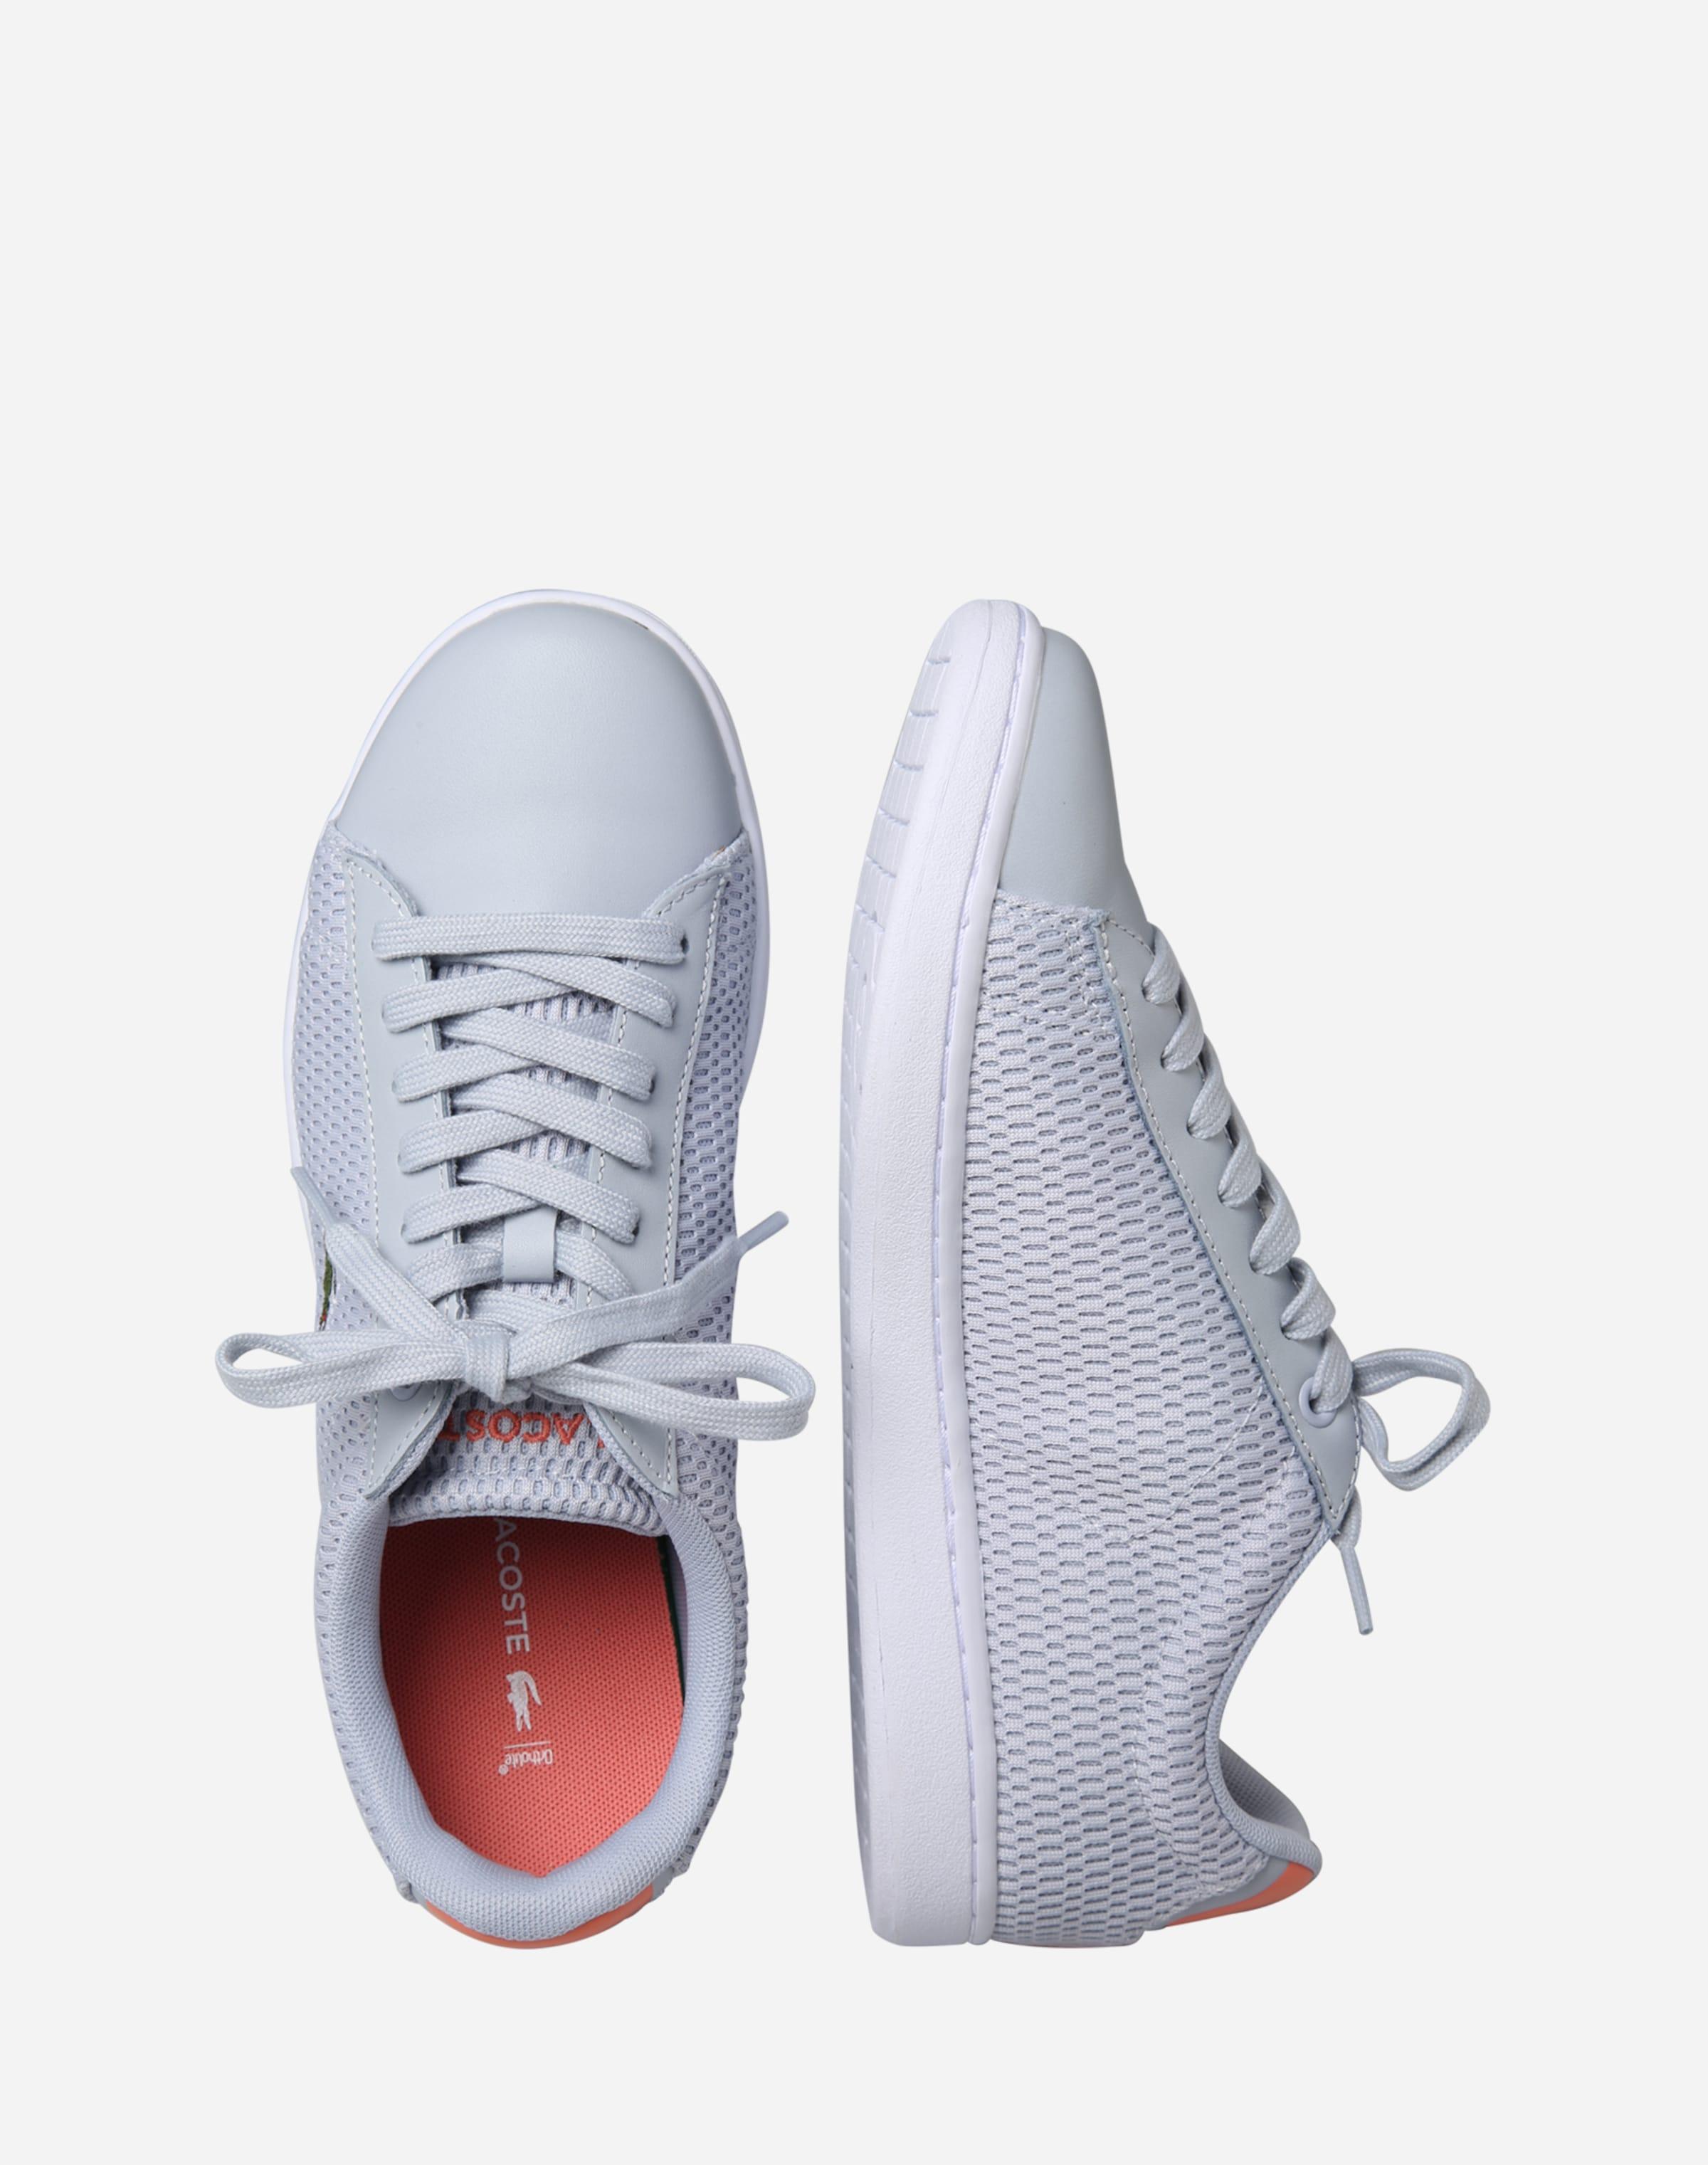 LACOSTE 'Carnaby Sneaker Sneaker LACOSTE Evo' 0q08Tr